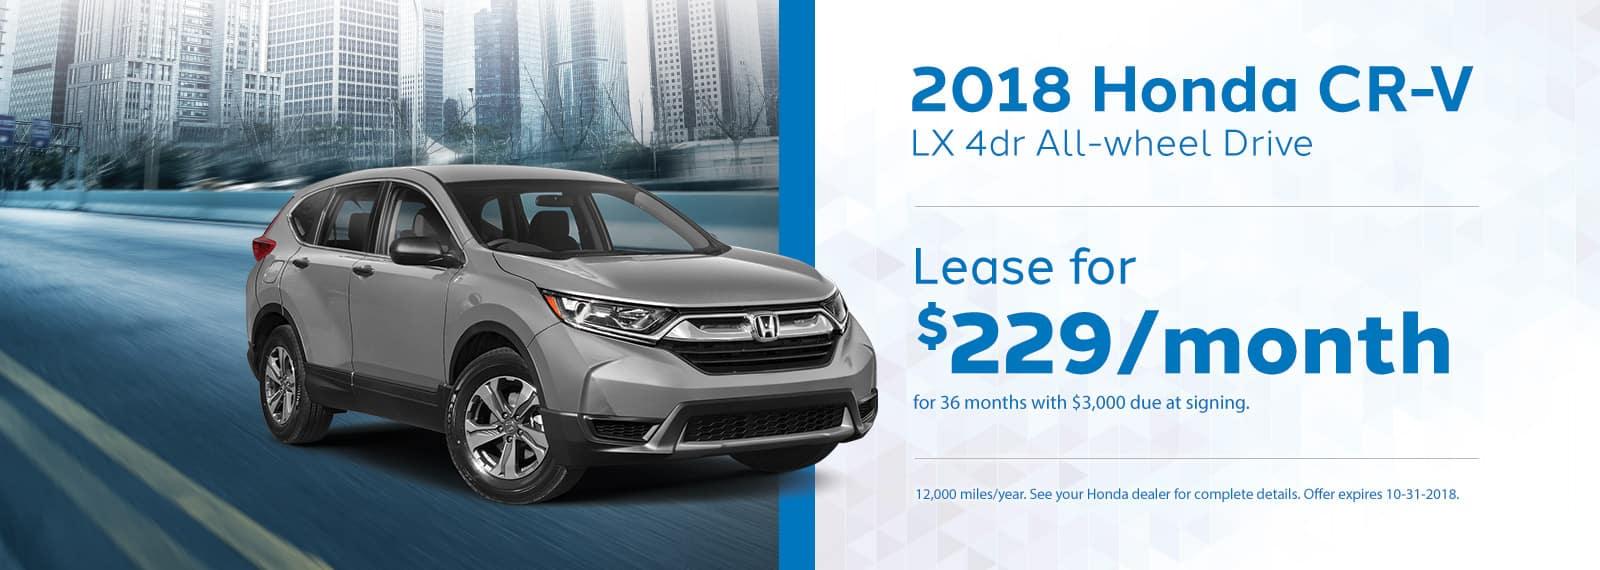 CRV Genthe Honda Lease Offer September 2018 Homepage